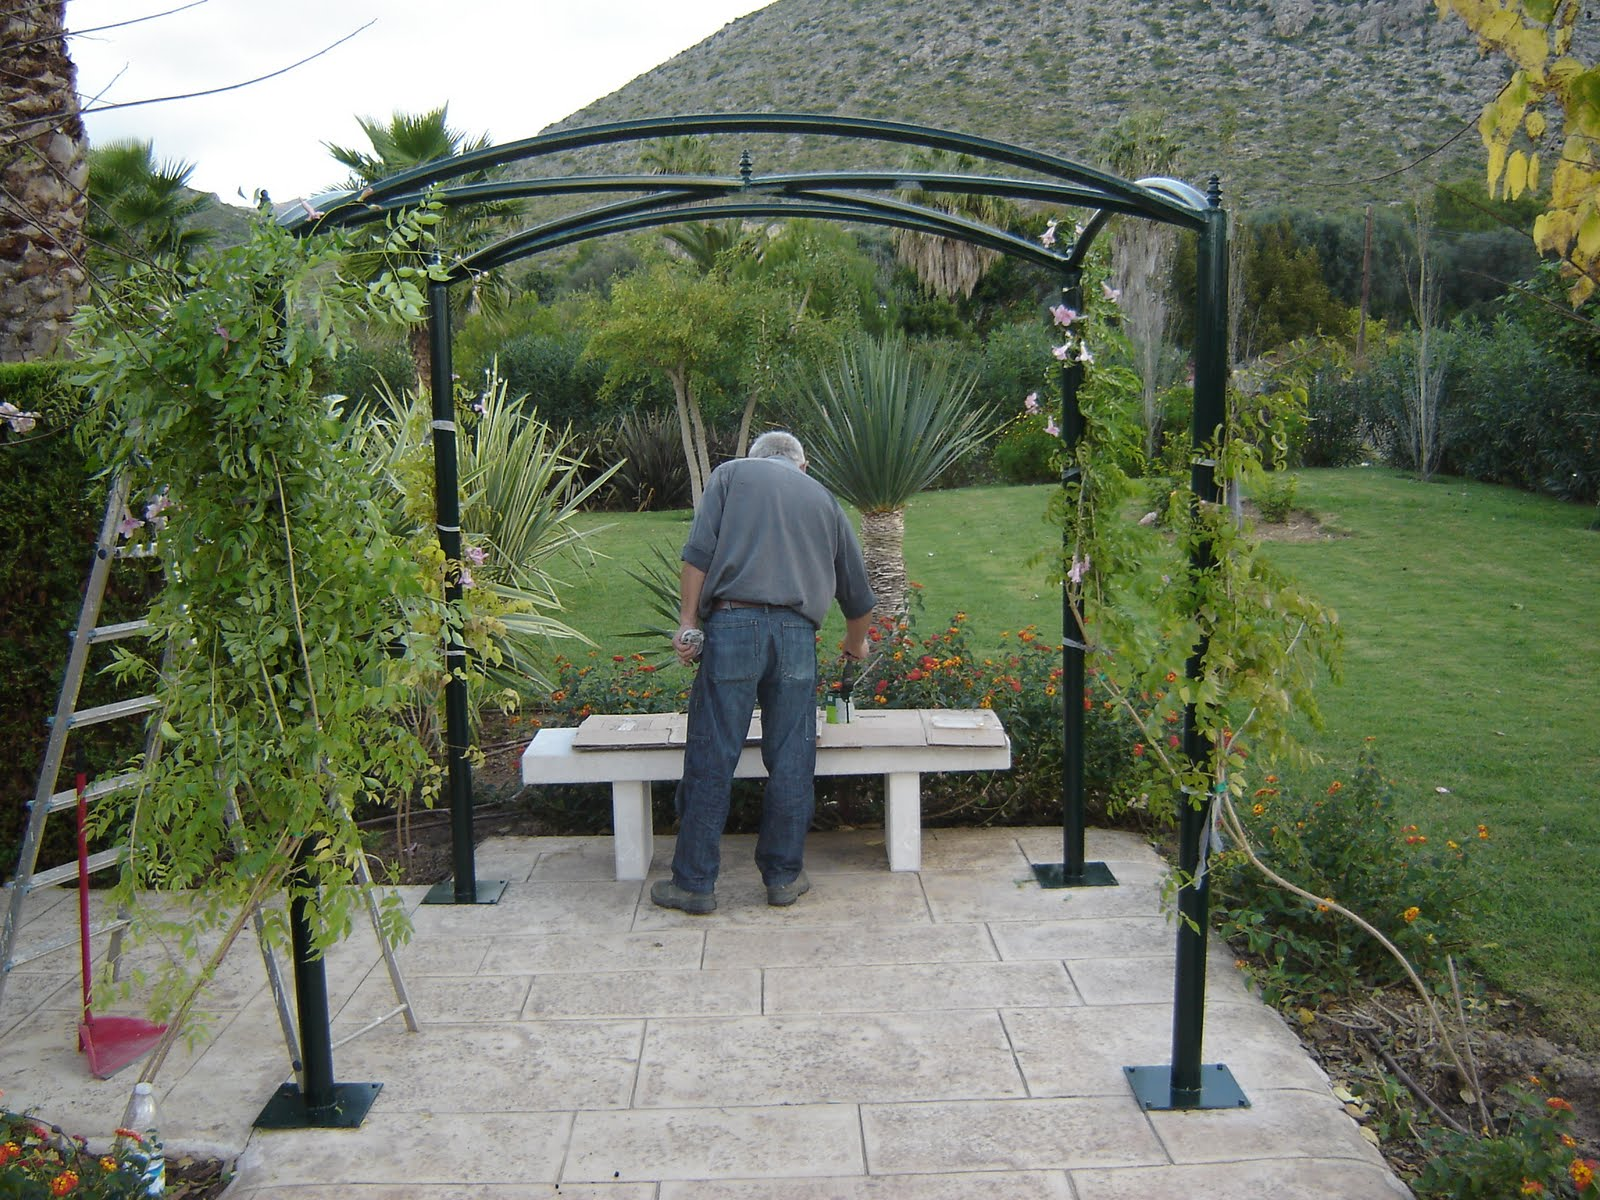 Modelo pergolas metalicas minimalist for Pergolas de hierro para jardin